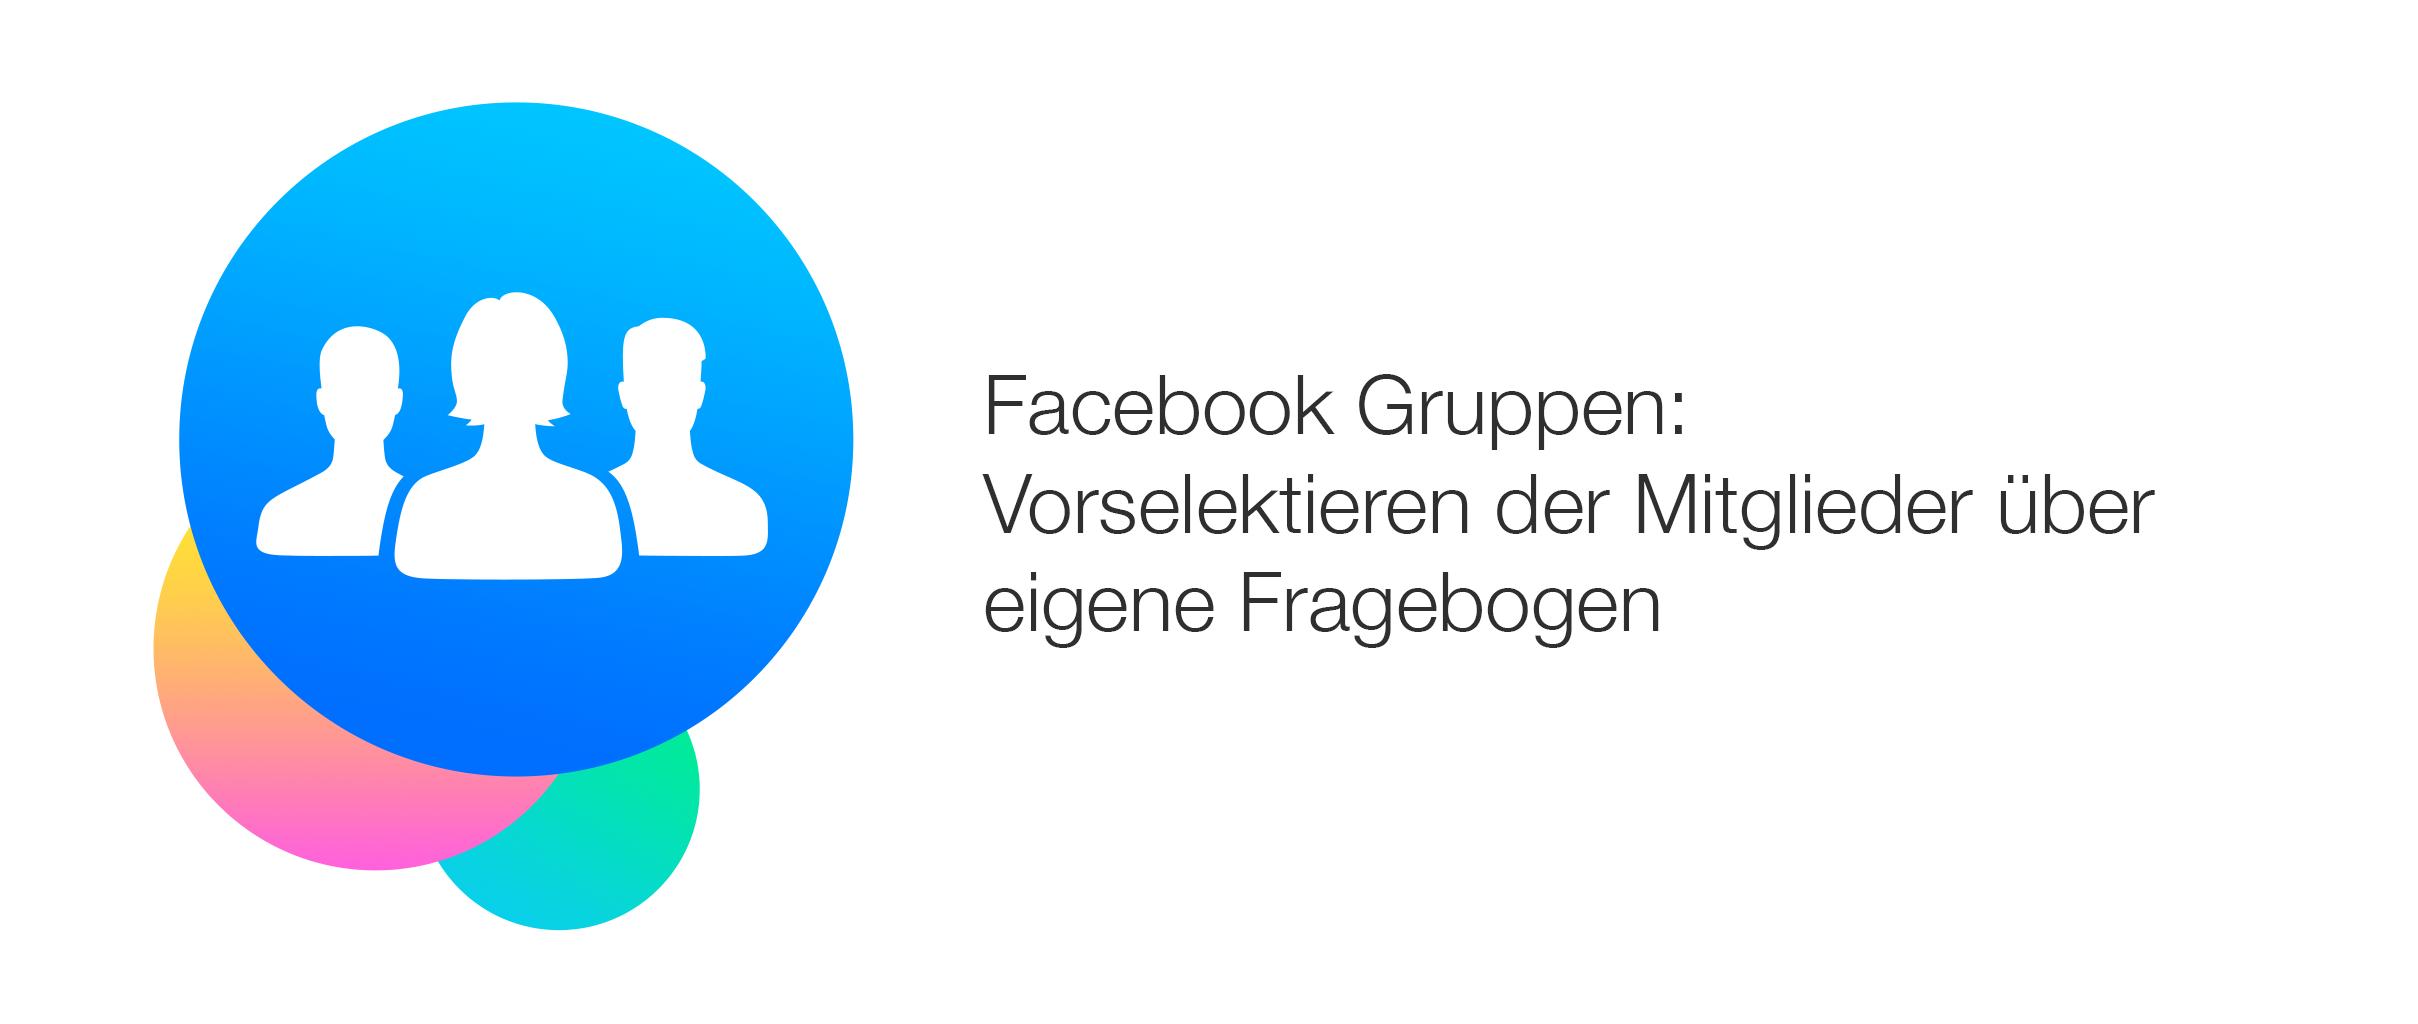 Fragebogen für Facebook Gruppen: Neue Mitglieder für dem Gruppenbeitritt  vorselektieren - allfacebook.de